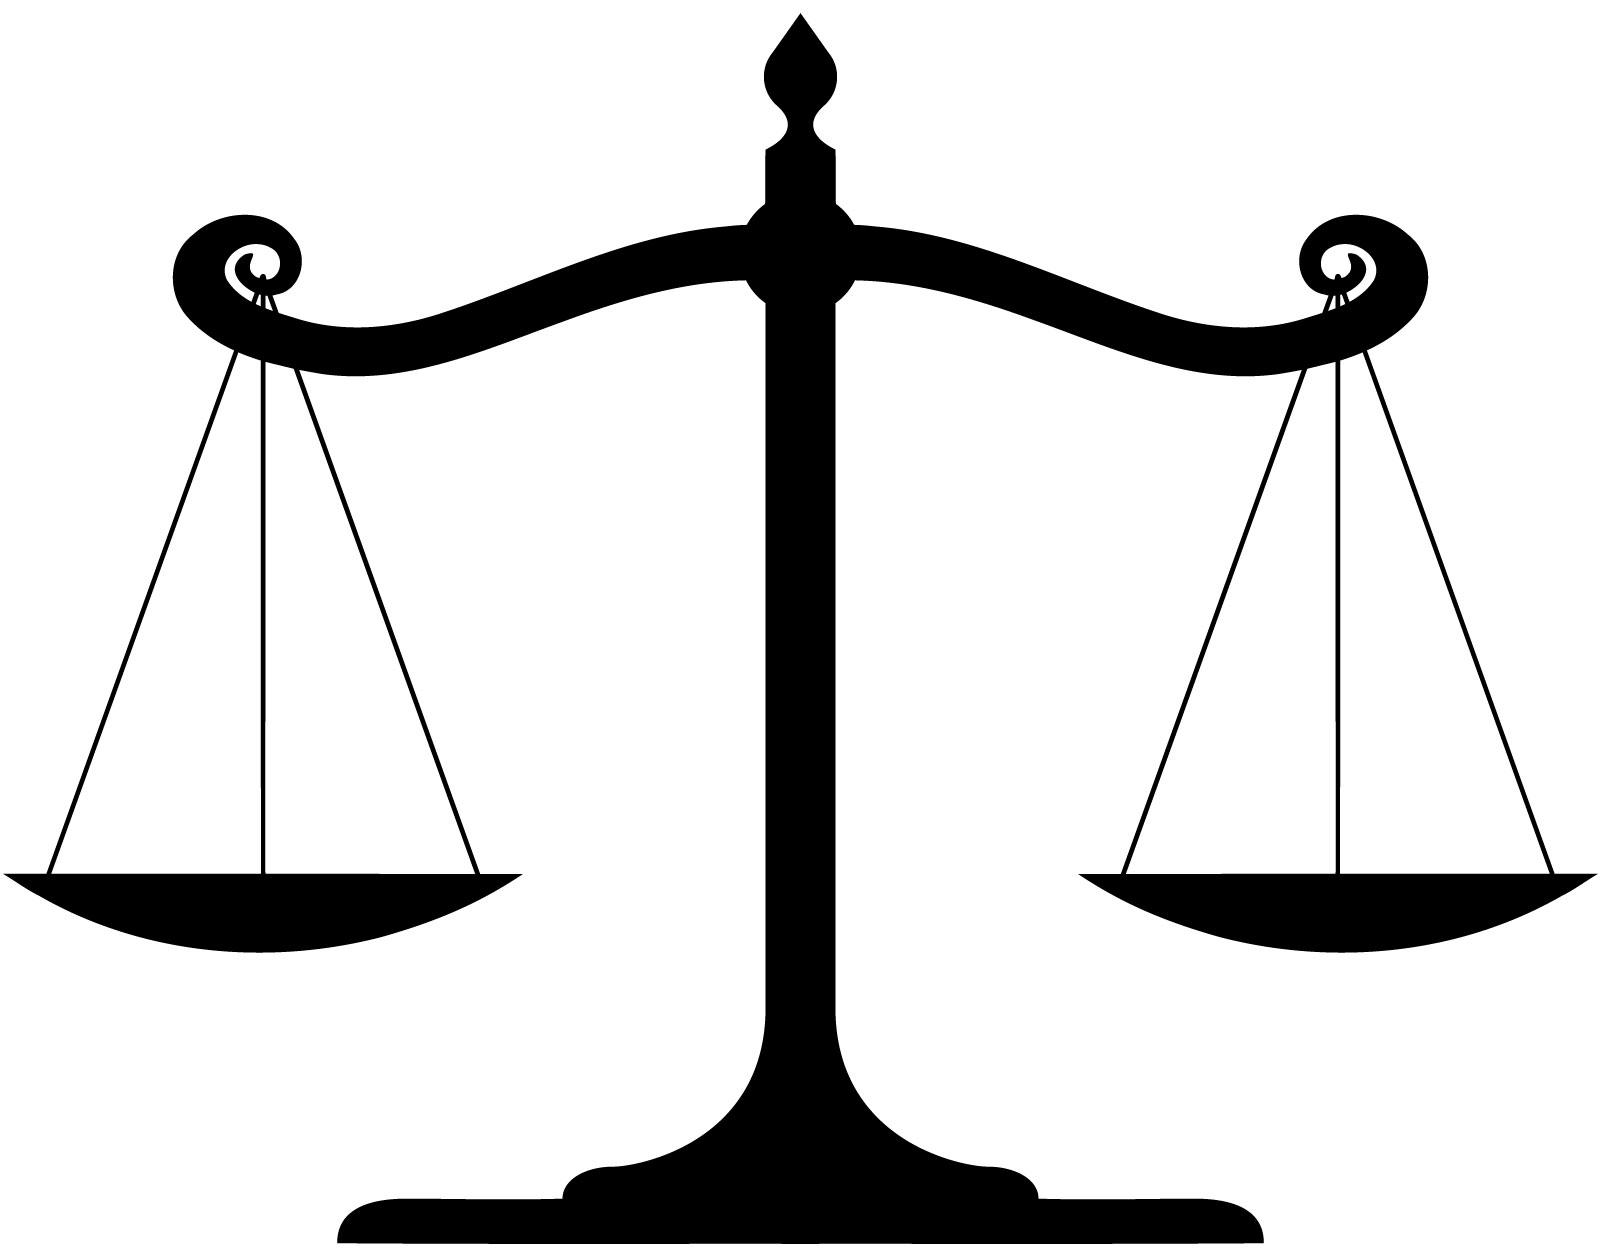 logo représentant la justice une balance équilibrée.jpg